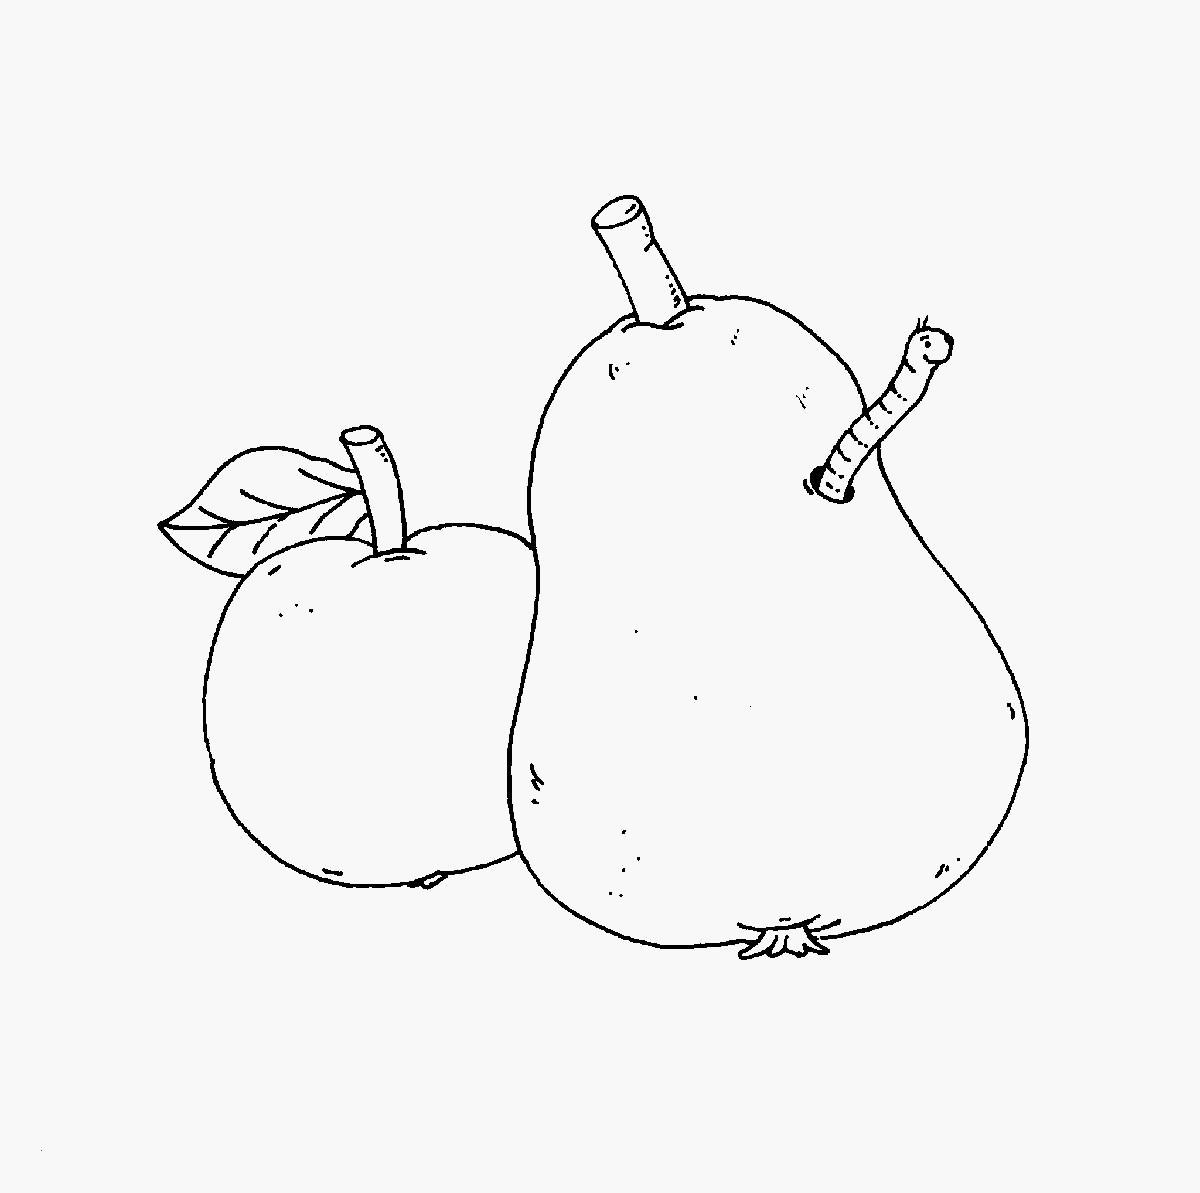 Birne Zum Ausmalen Genial 41 Einfach Apfel Zum Ausmalen Beschreibung Galerie